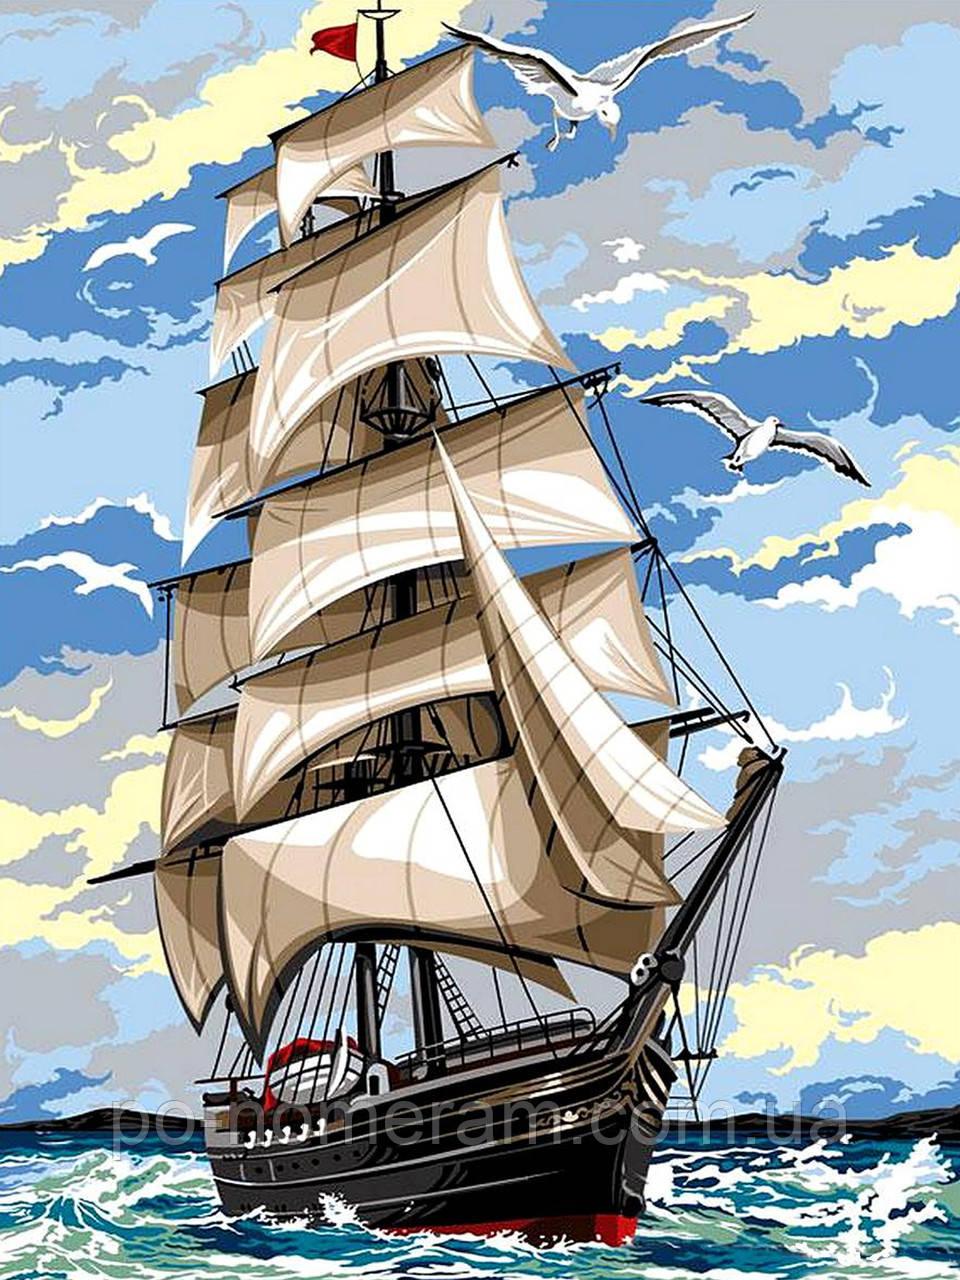 Раскраска для взрослых На встречу ветру (VK054) 30 х 40 см ...